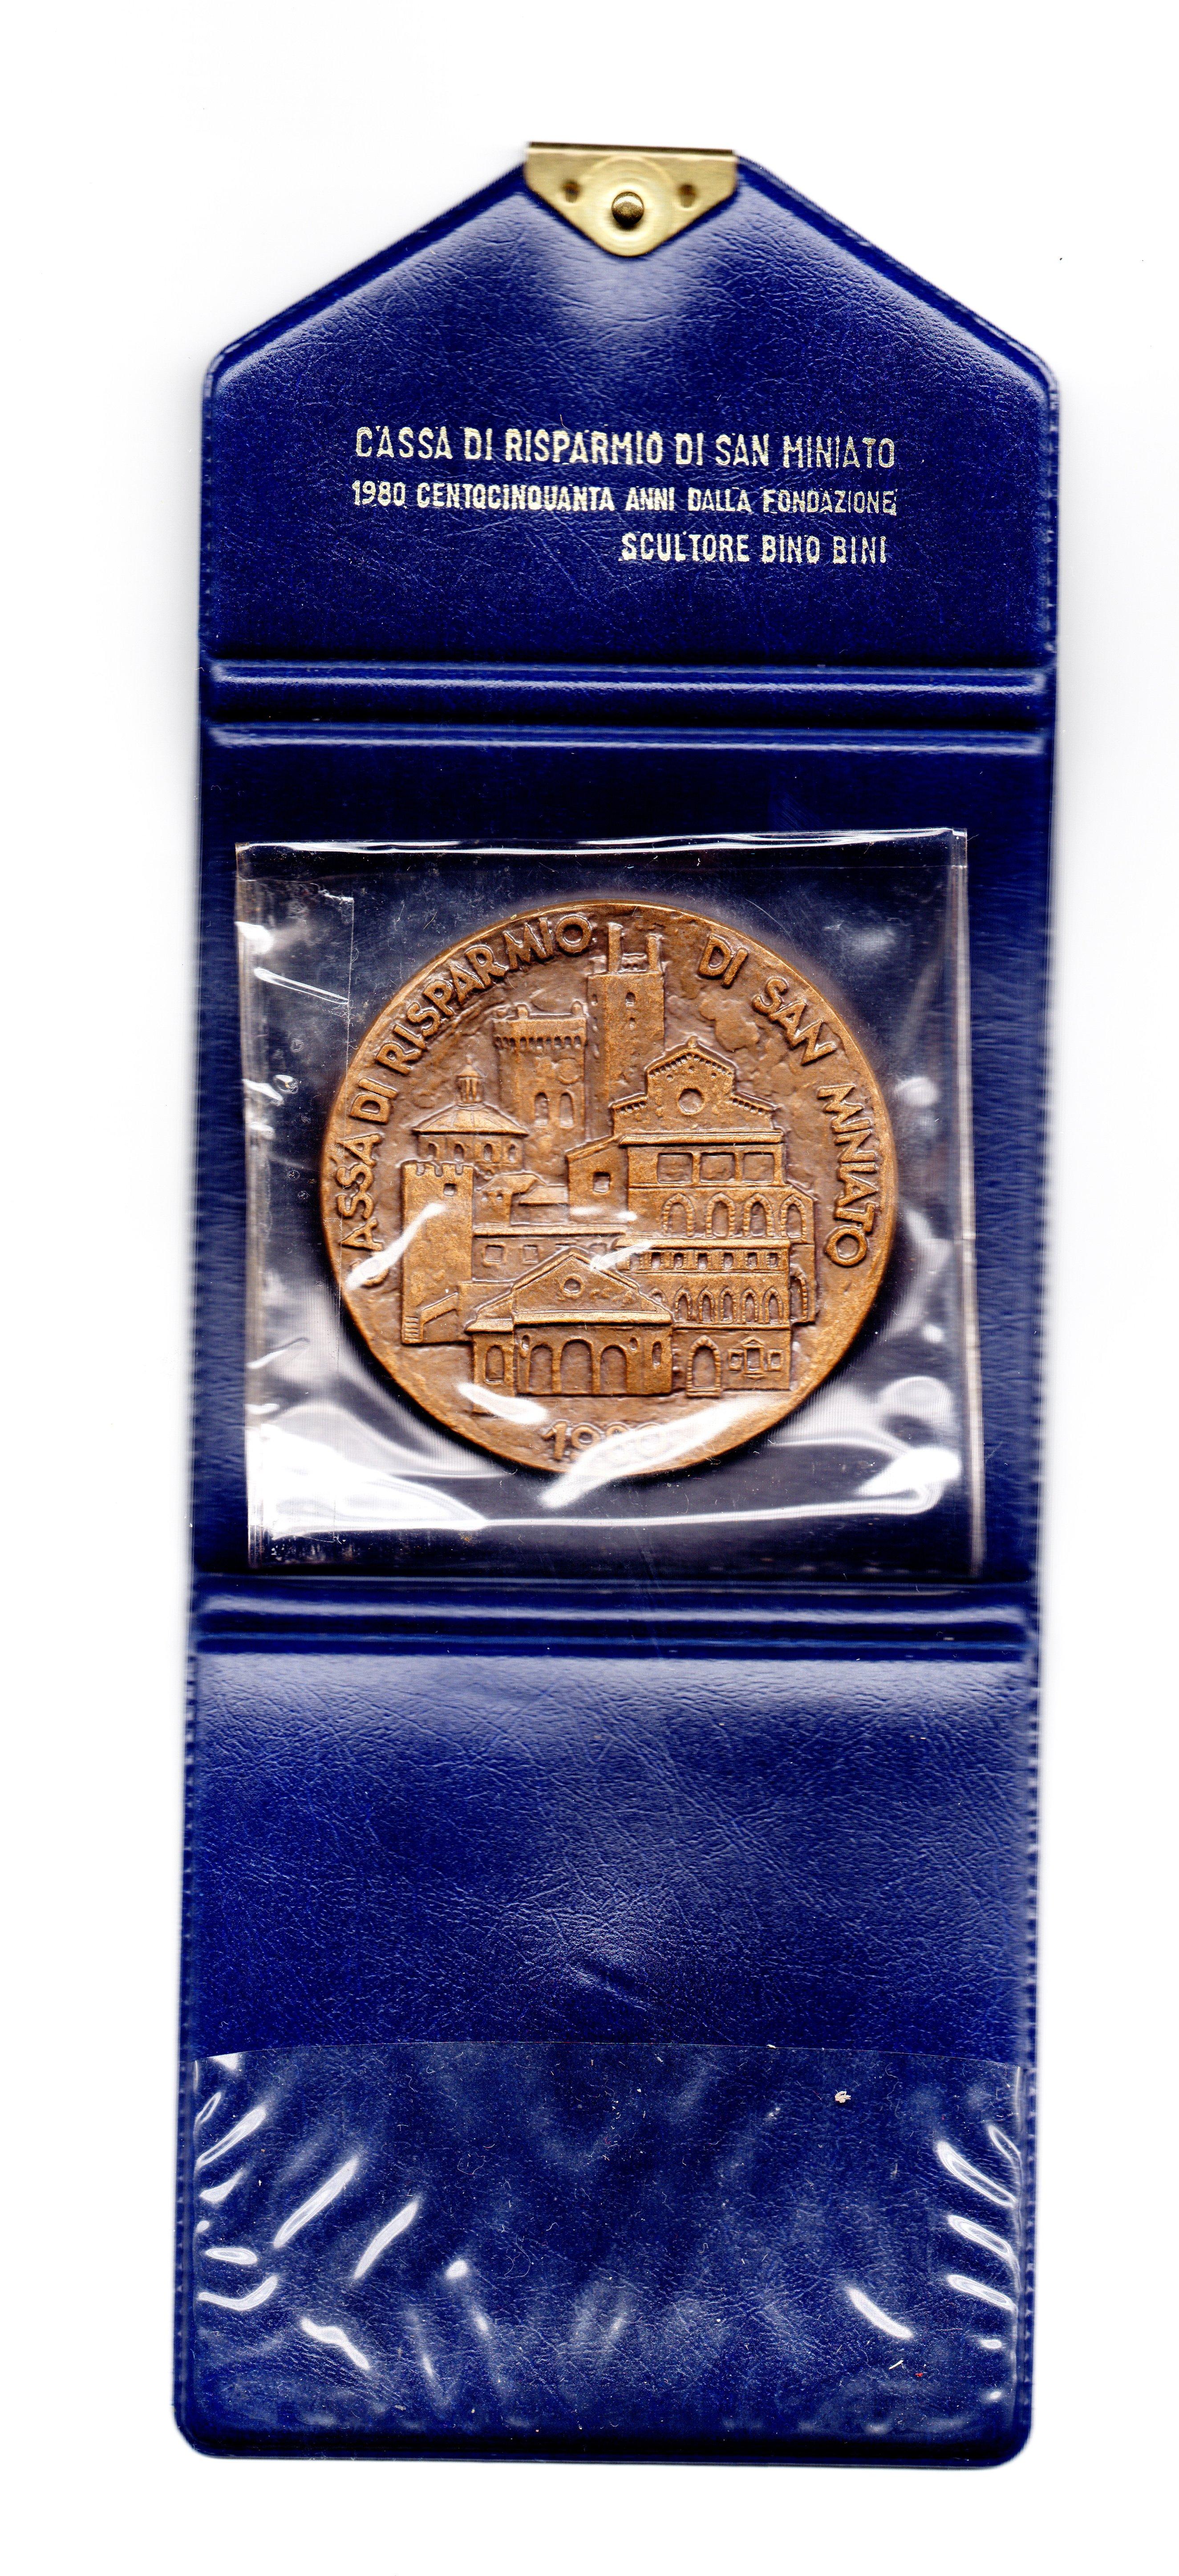 150 anni fondazione C.R.S.MINIATO